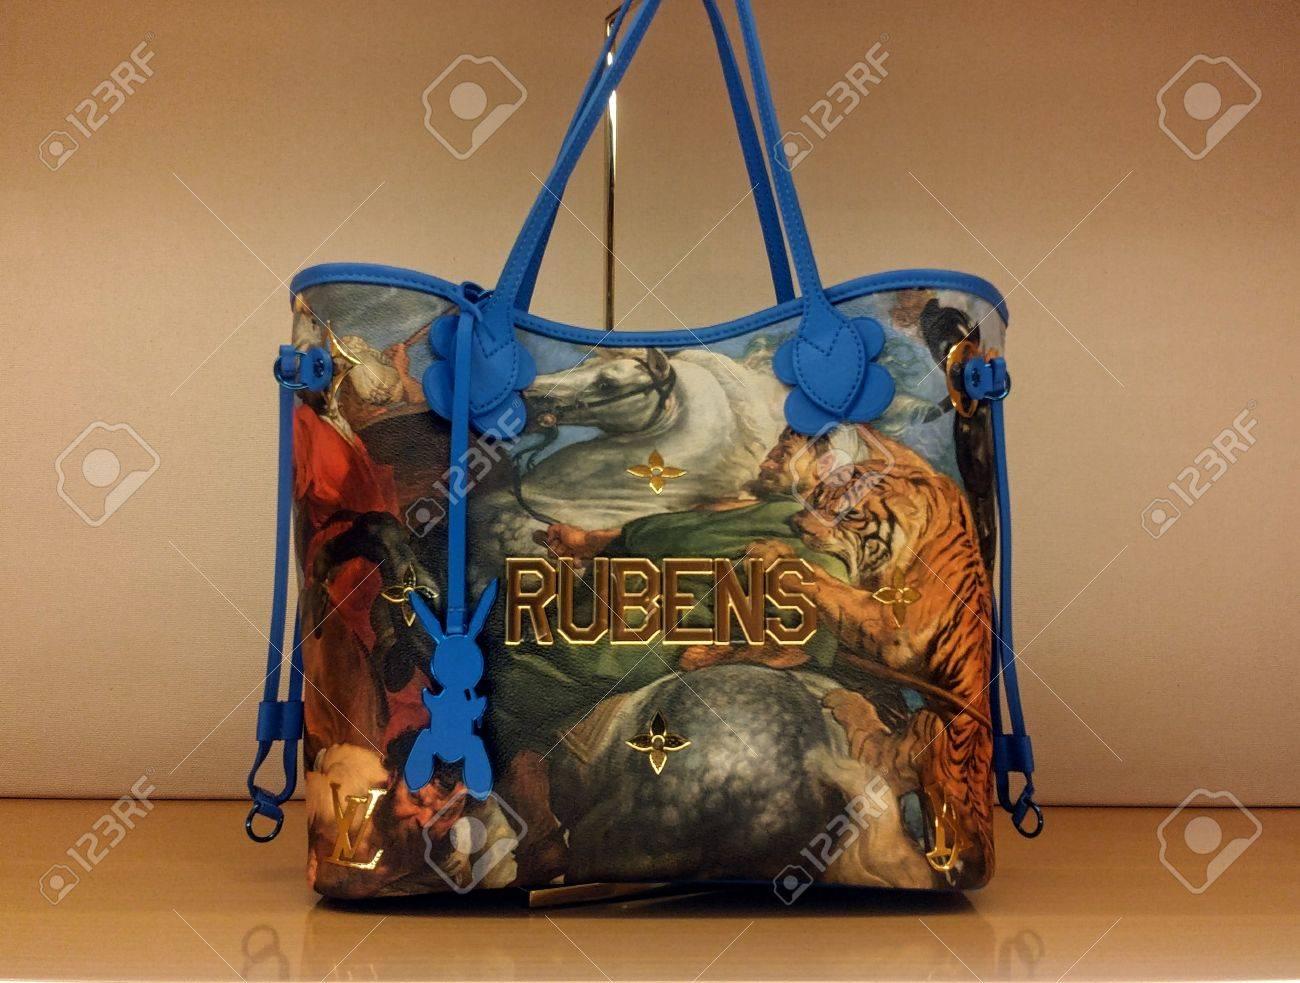 98c1a87ee Bolso de Louis Vuitton Rubens en la exhibición en la tienda de Toronto Foto  de archivo